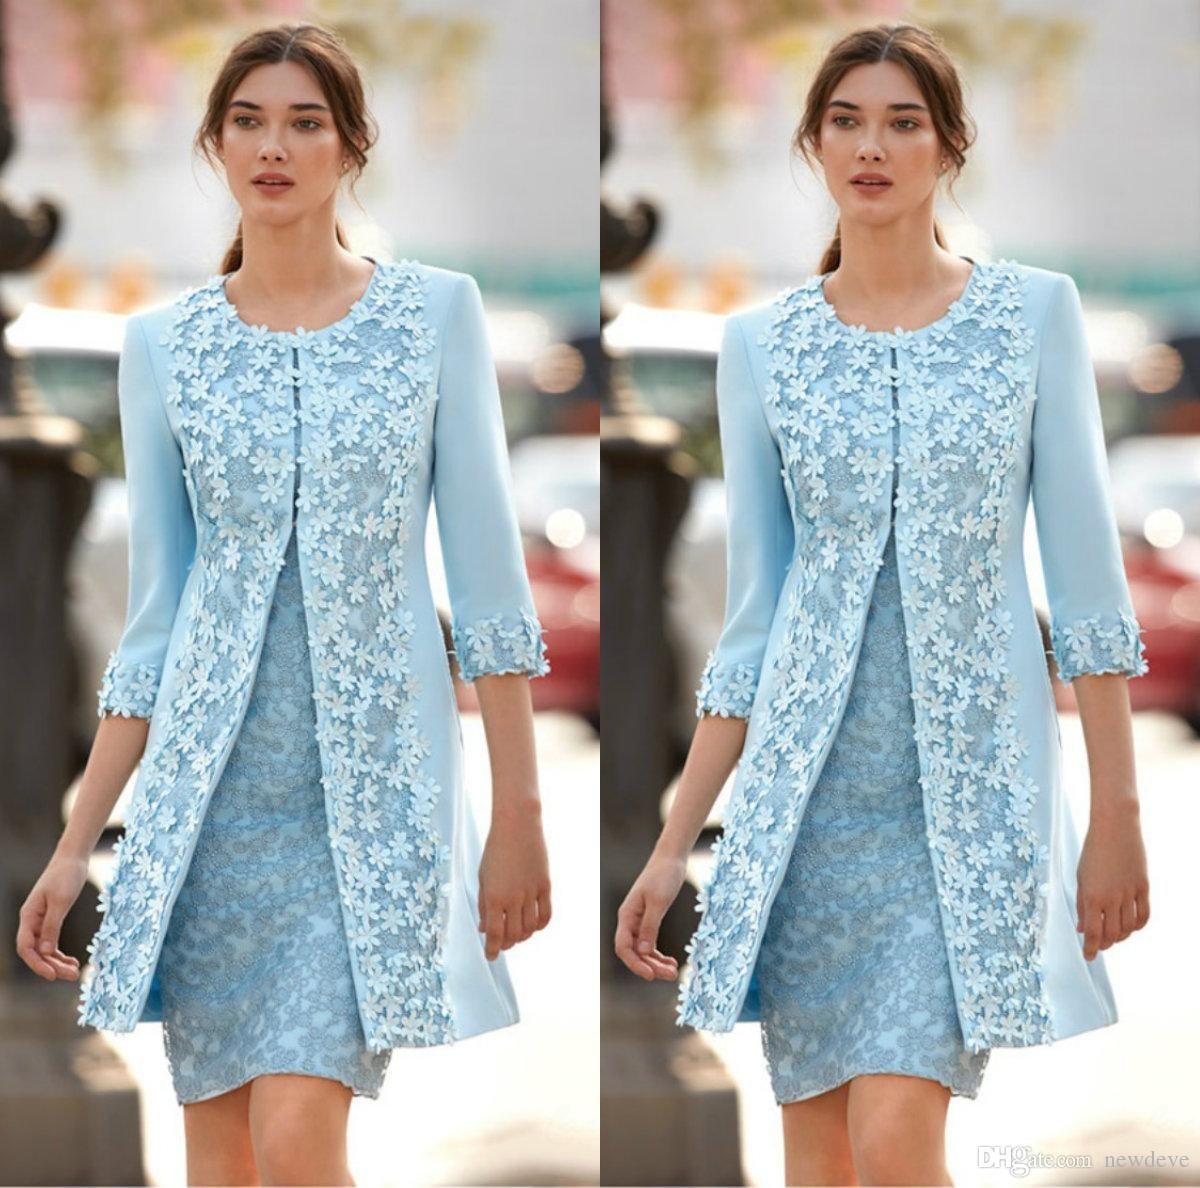 großhandel chic light blue brautmutter kleider mit jacke 3d applique jewel  3/4 Ärmel knielangen mutter kleid capped hochzeitsgast kleider von